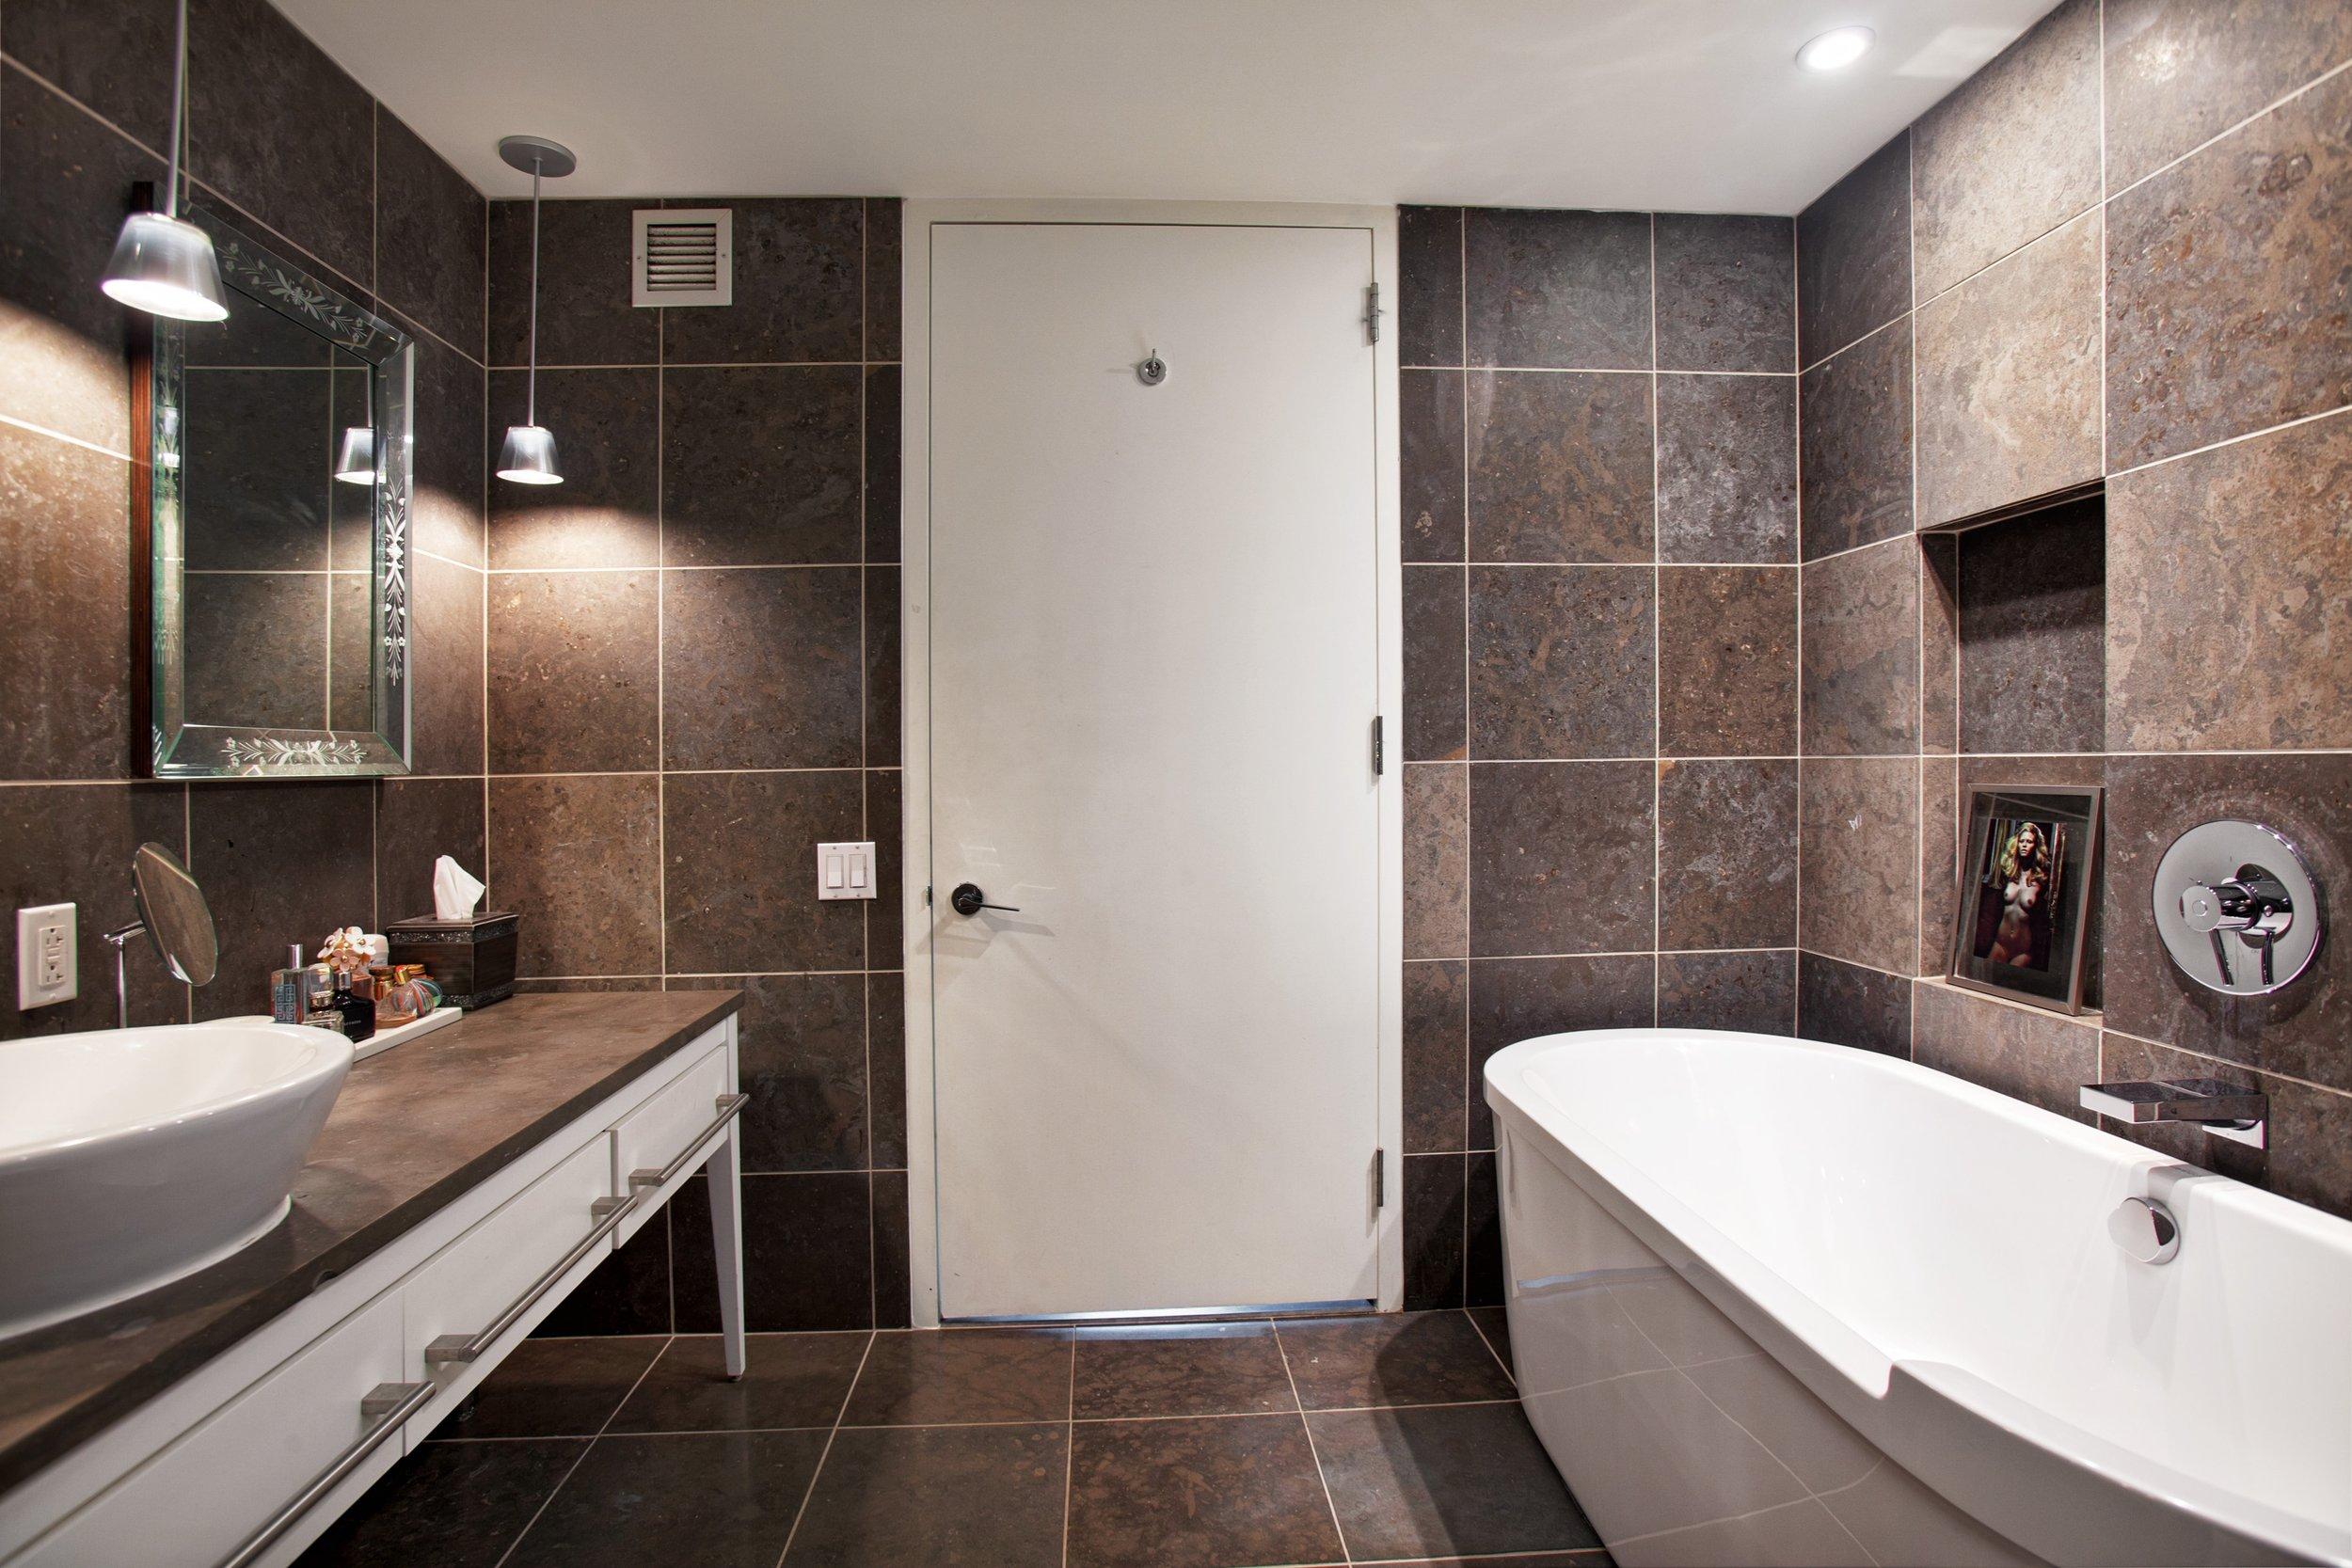 bathroom_Hi.JPG